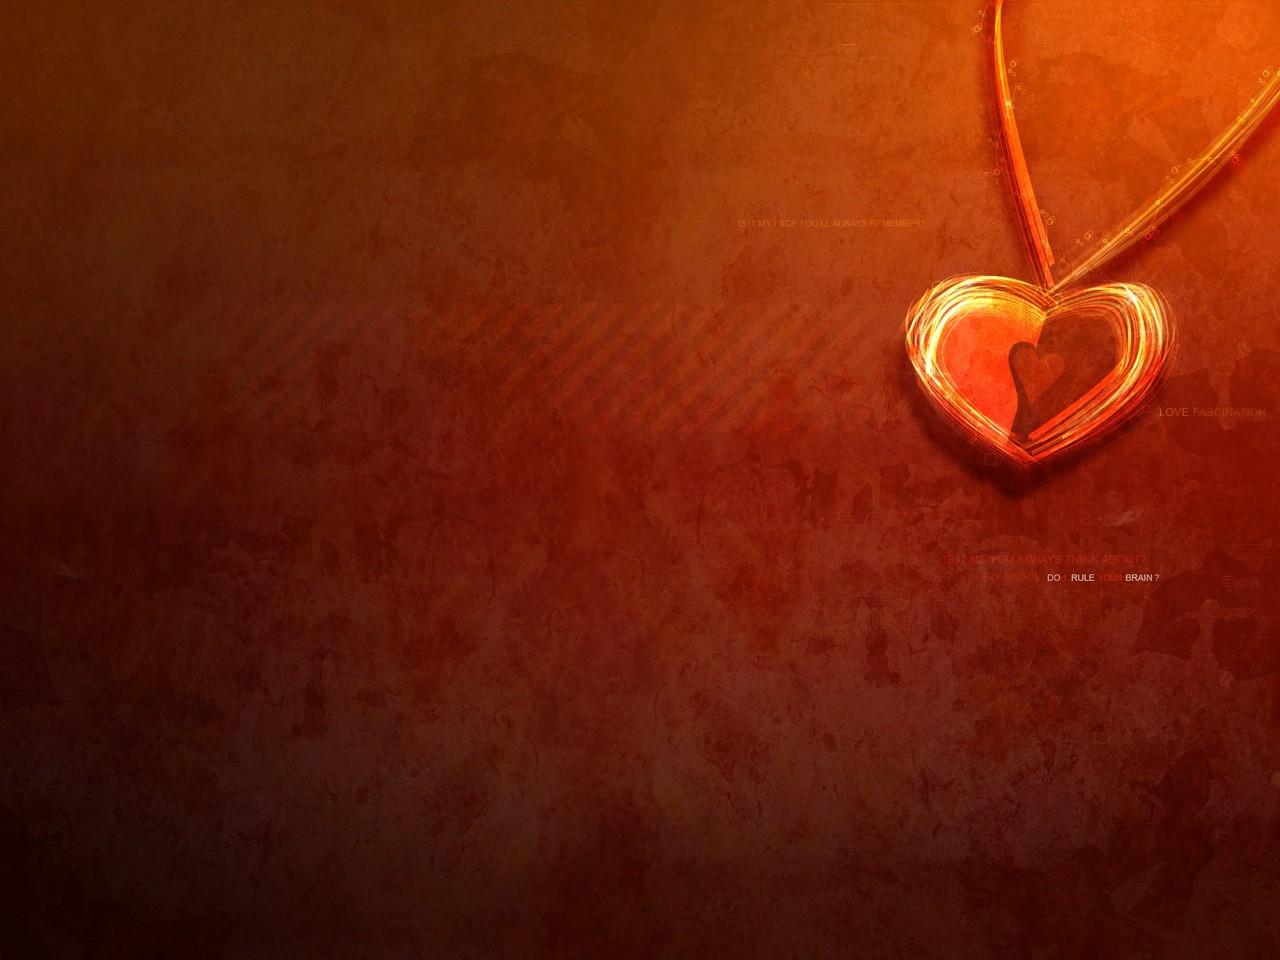 кулон с сердечком, скачать фото, обои для рабочего стола